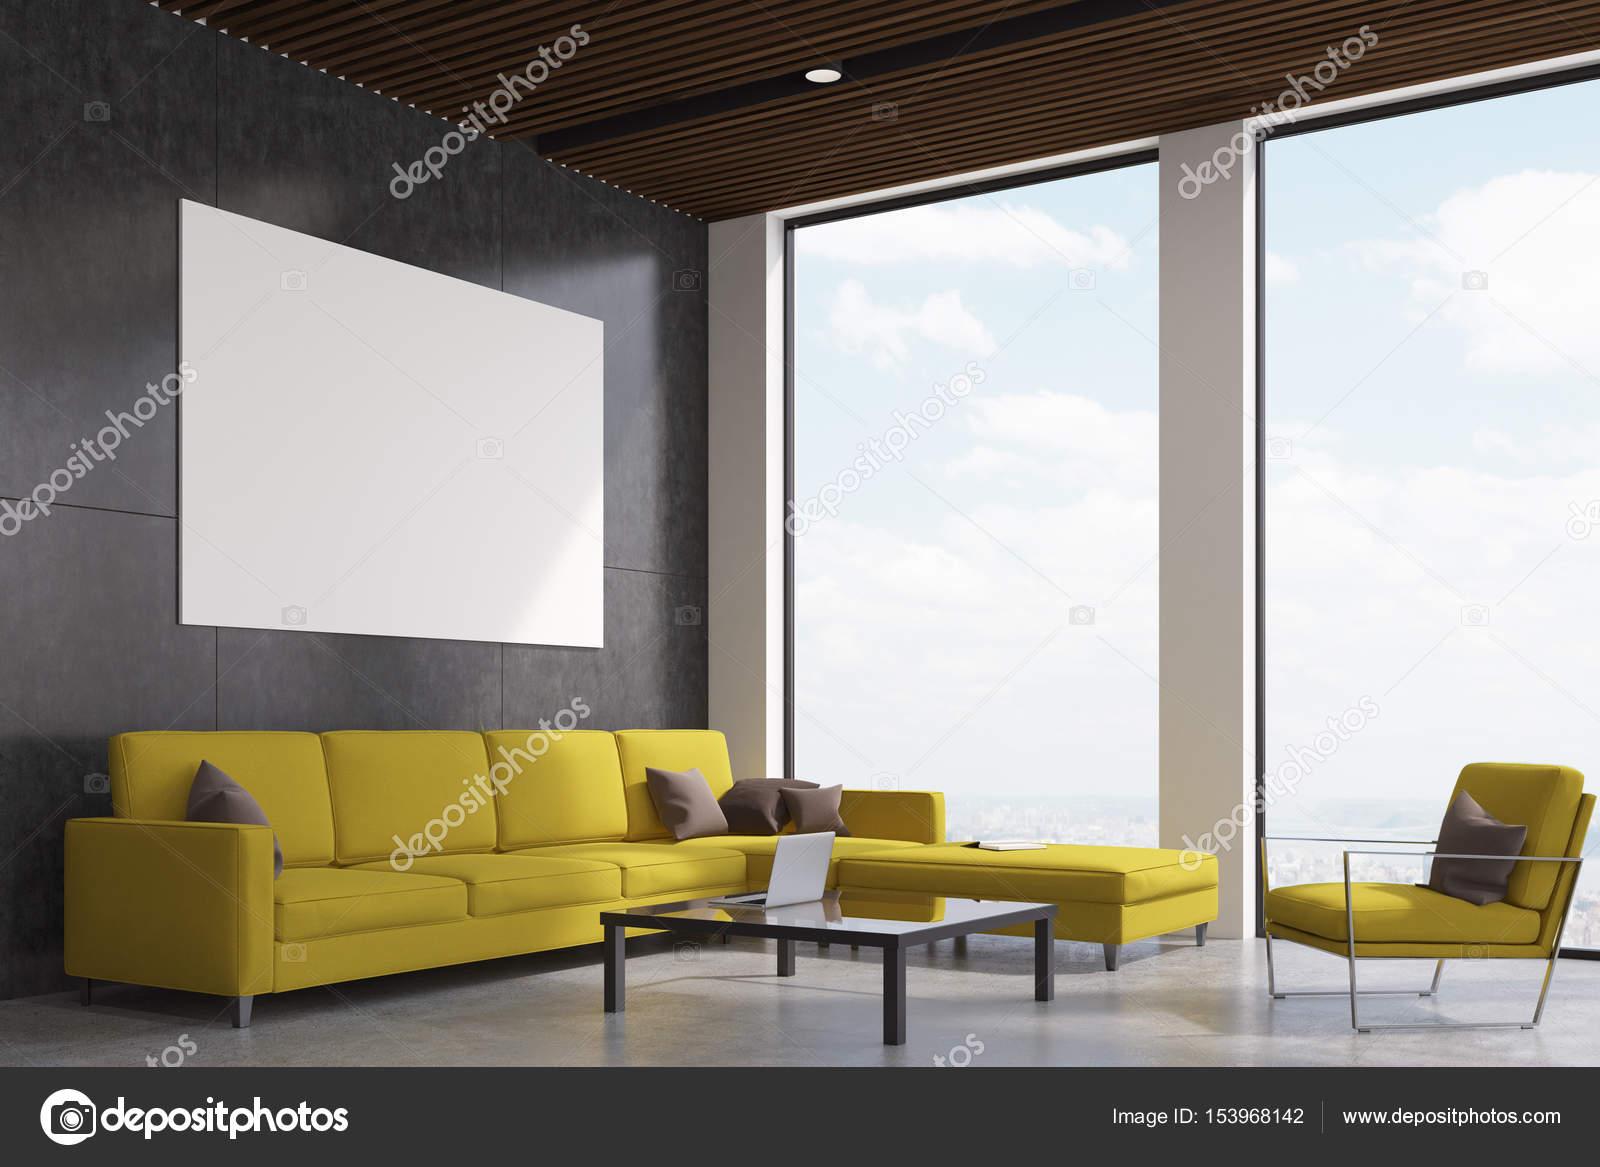 Gelbe Wohnzimmer   Gelbe Wohnzimmer Seite Stockfoto C Denisismagilov 153968142